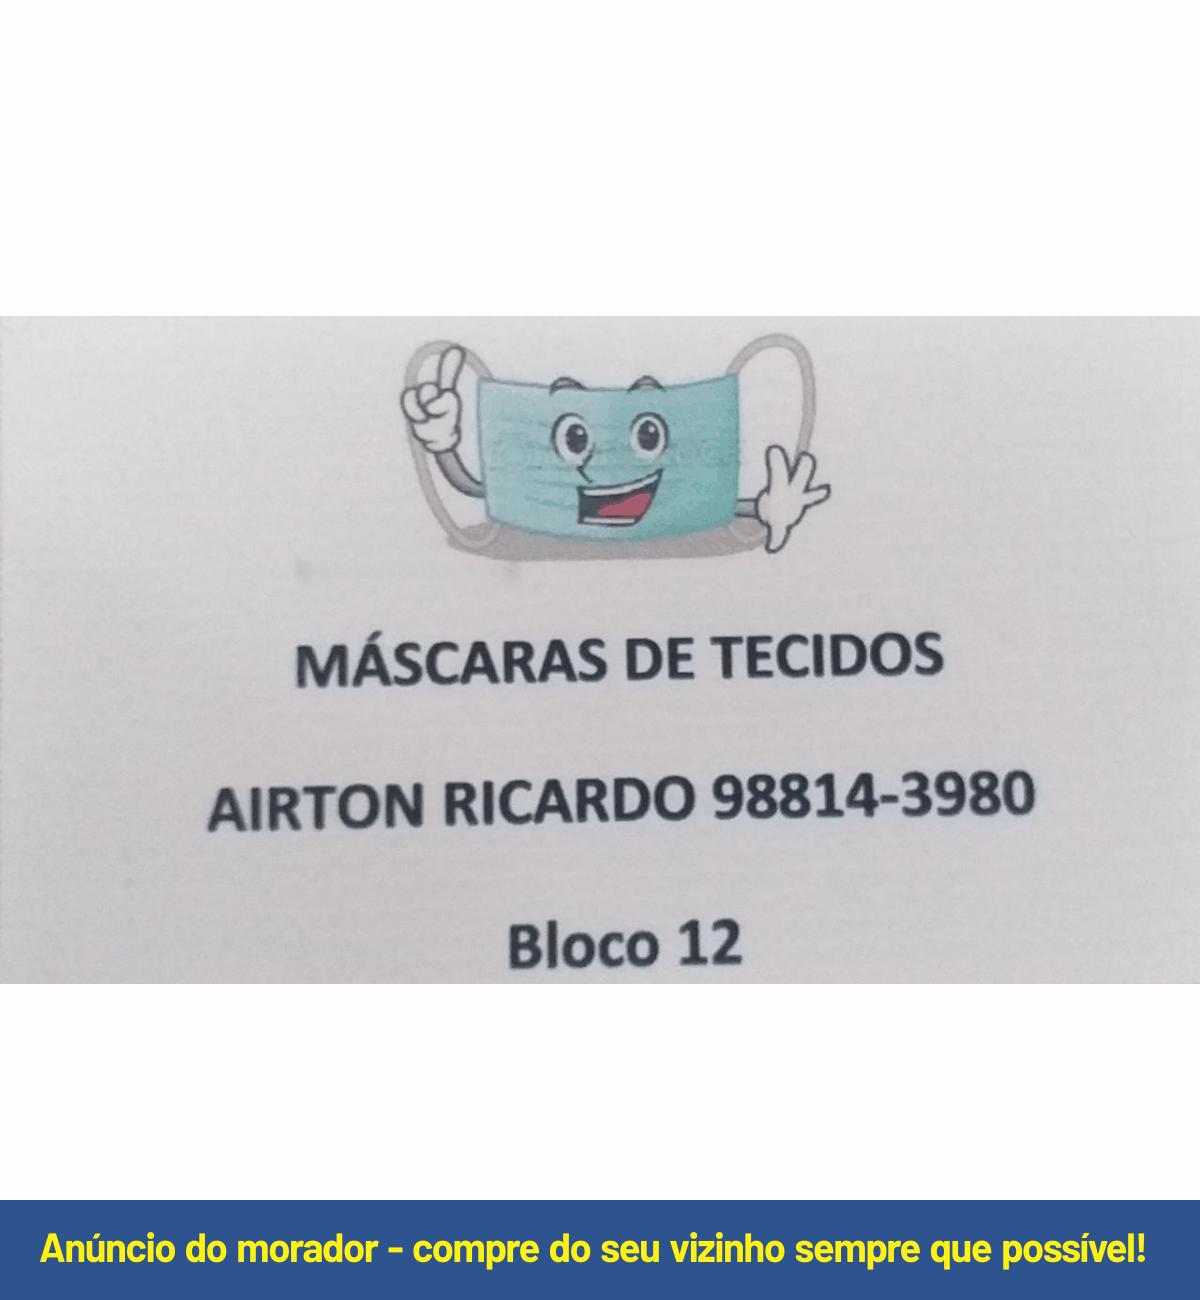 AIRTON_RICARDO_-_Máscaras_de_tecido.png